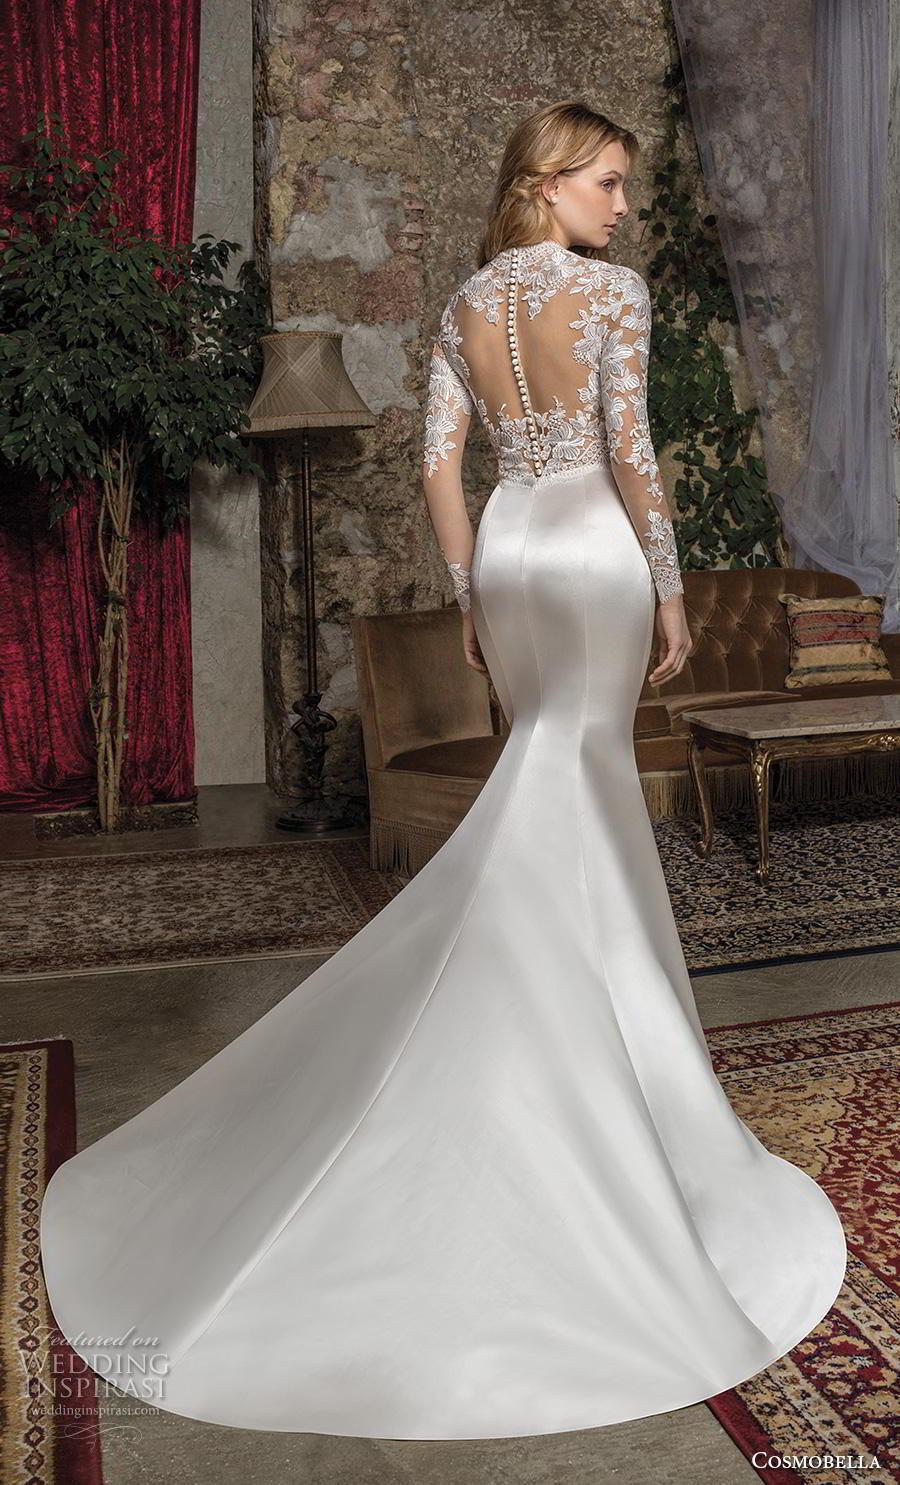 cosmobella 2019 bridal long sleeves illusion jewel v neck heavily embellished bodice glamorous elegant gold sheath wedding dress a  line overskirt keyhole back chapel train (8) bv